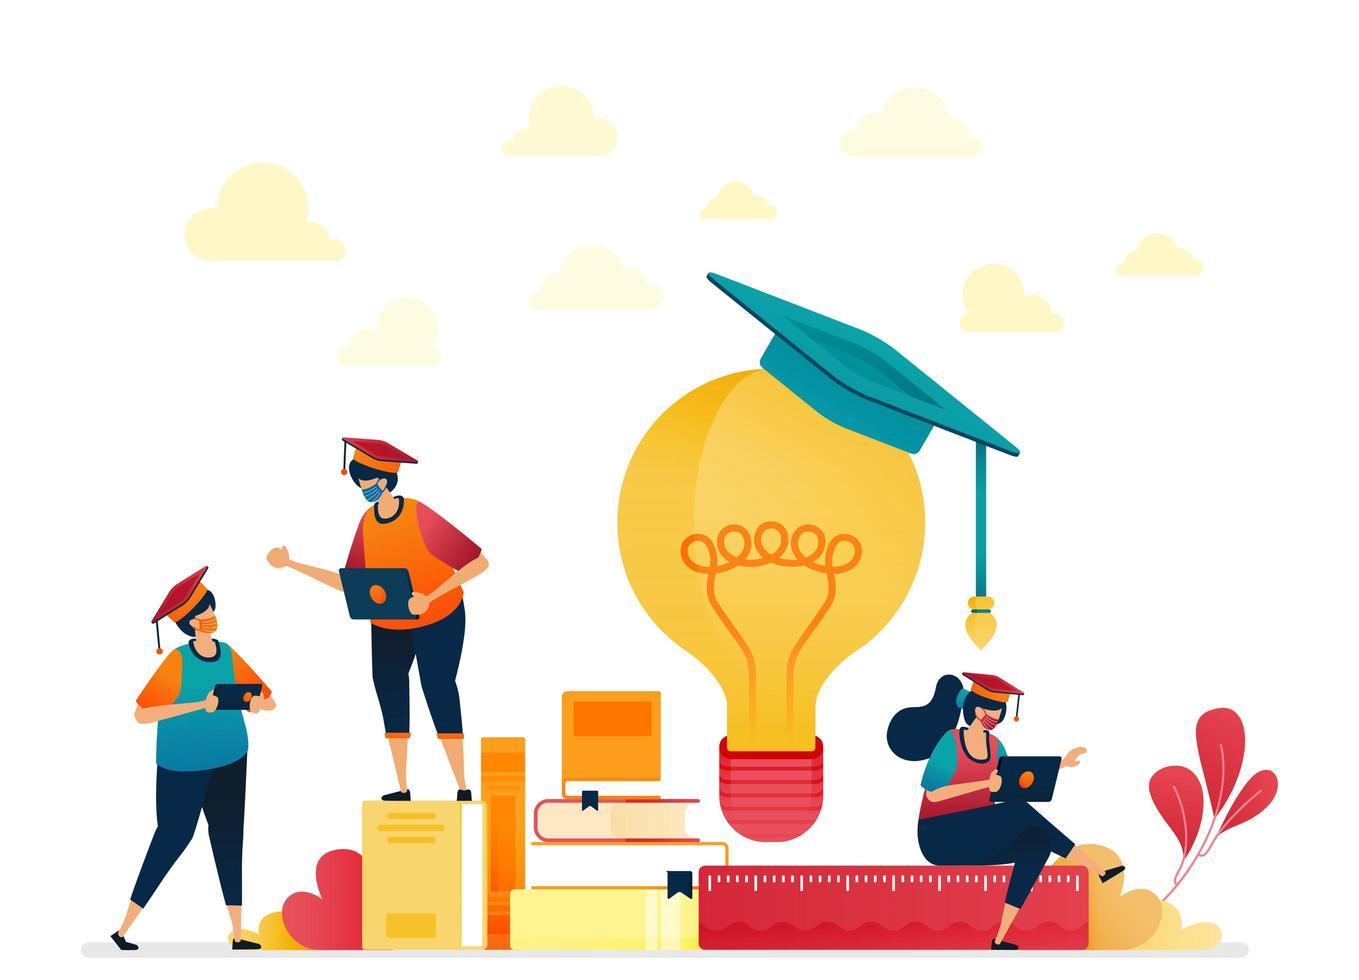 mensen in afstudeerkapjes, stapels boeken, gloeilamp. briefpapier voor school- en lerende studenten. ideeën uit lezen. vectorillustratie voor website, mobiele apps, banner, sjabloon, poster, flyer vector